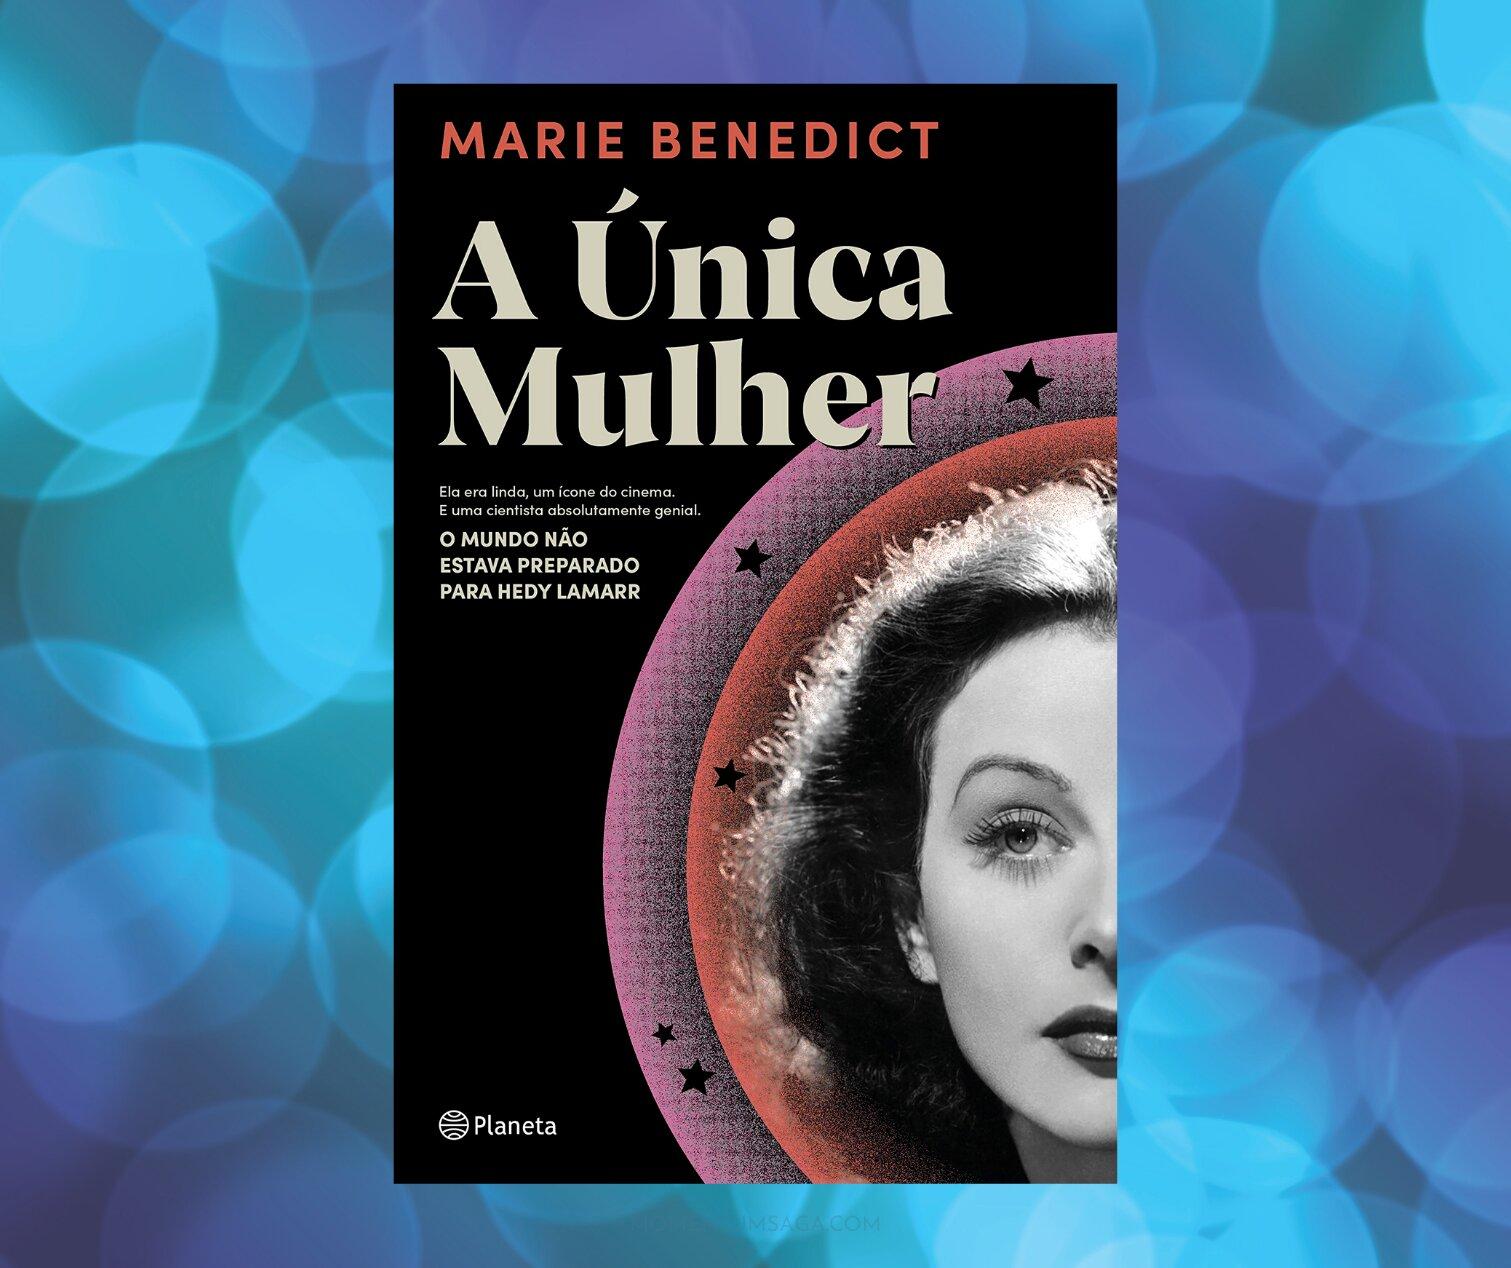 Resenha: A única mulher, de Marie Benedict